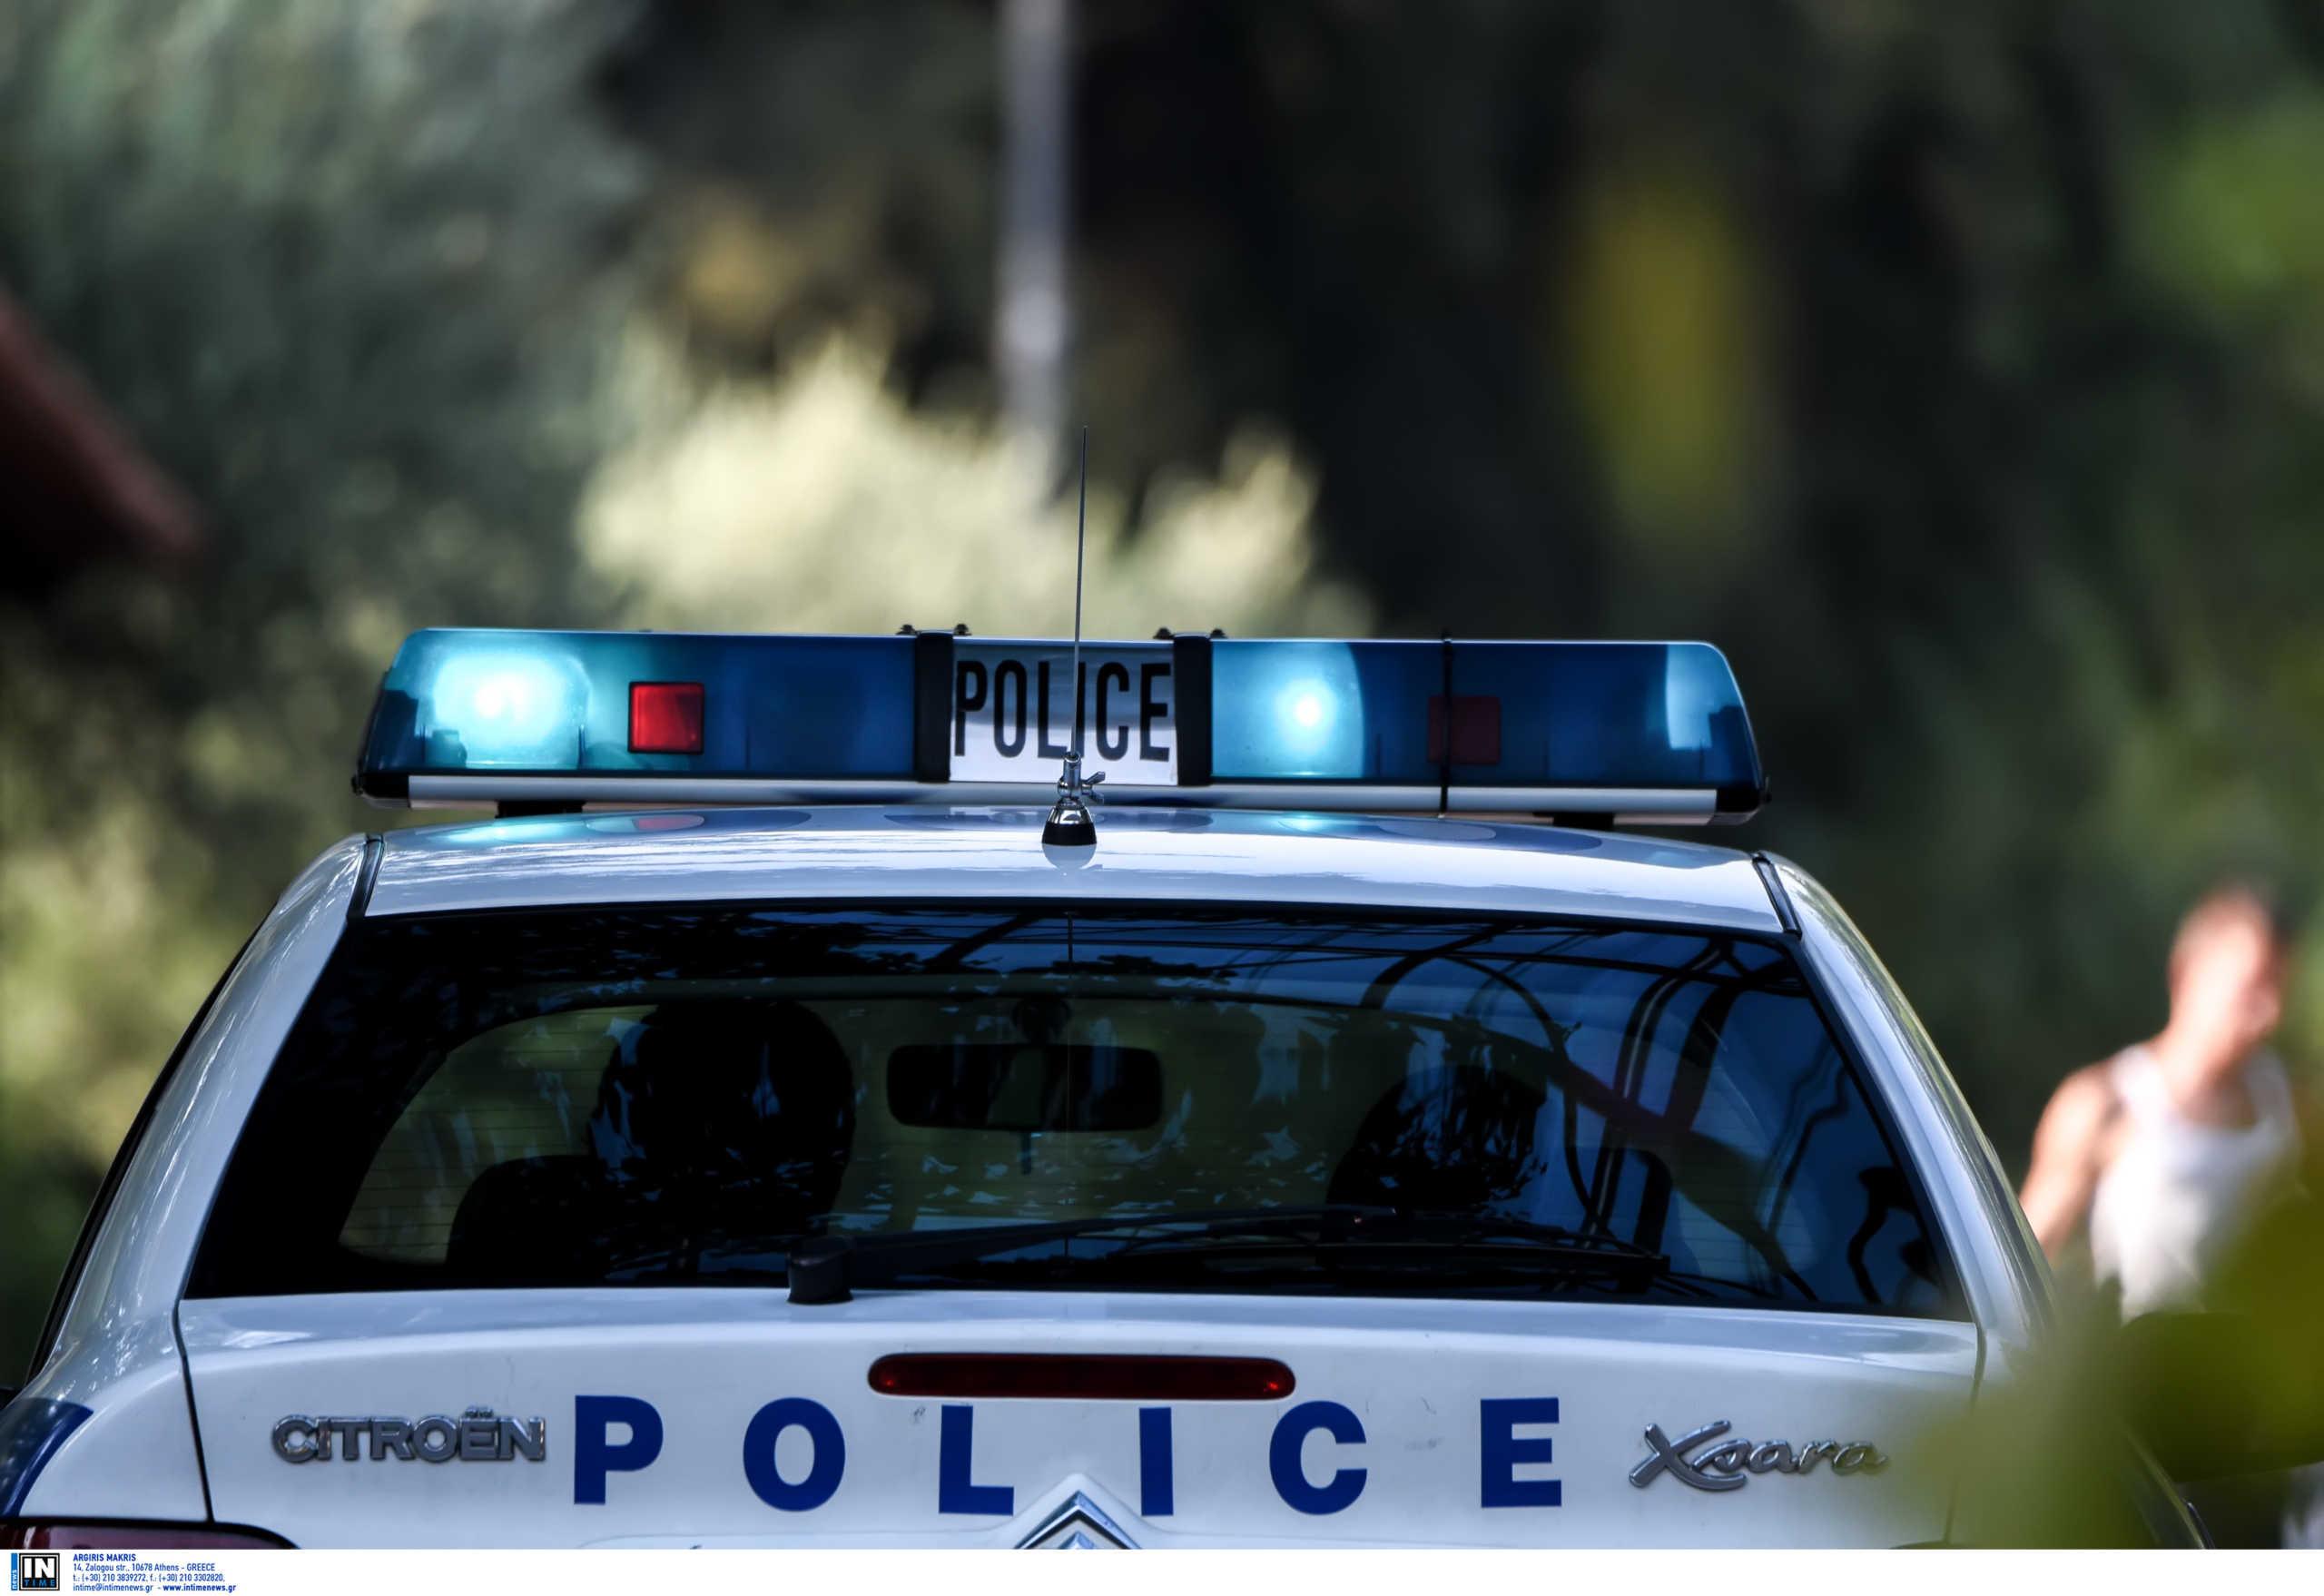 Θεσπρωτία: Αθόρυβος και προσεκτικός! Έκλεβε την ώρα που οι ιδιοκτήτες των σπιτιών κοιμόντουσαν